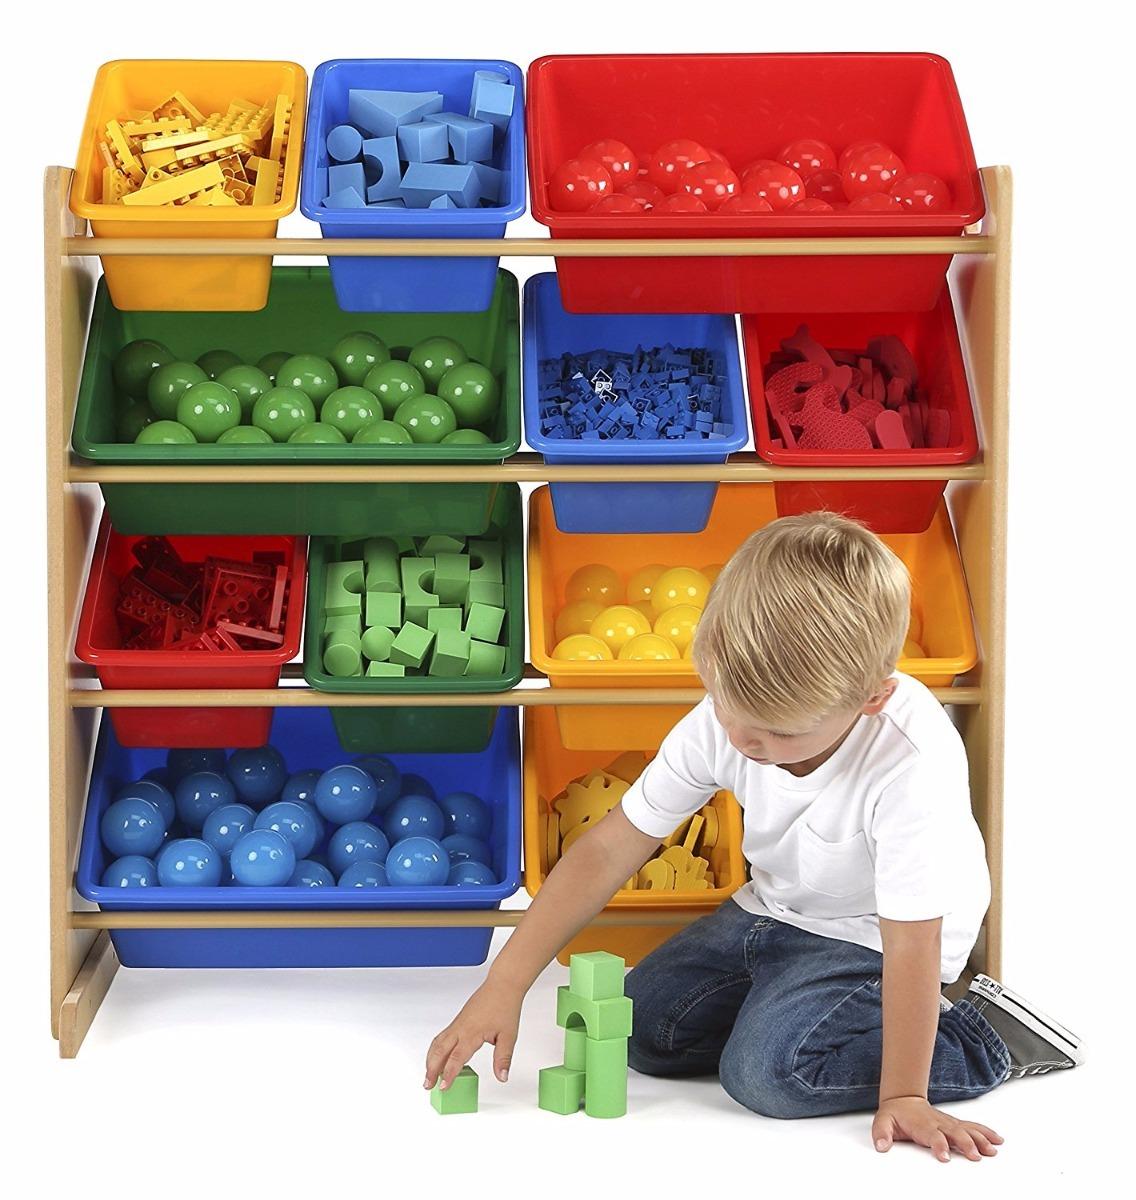 Mueble Ni Os Estante Organizador Juguetes Juguetero 1 499 00  # Muebles Juguetes Ninos